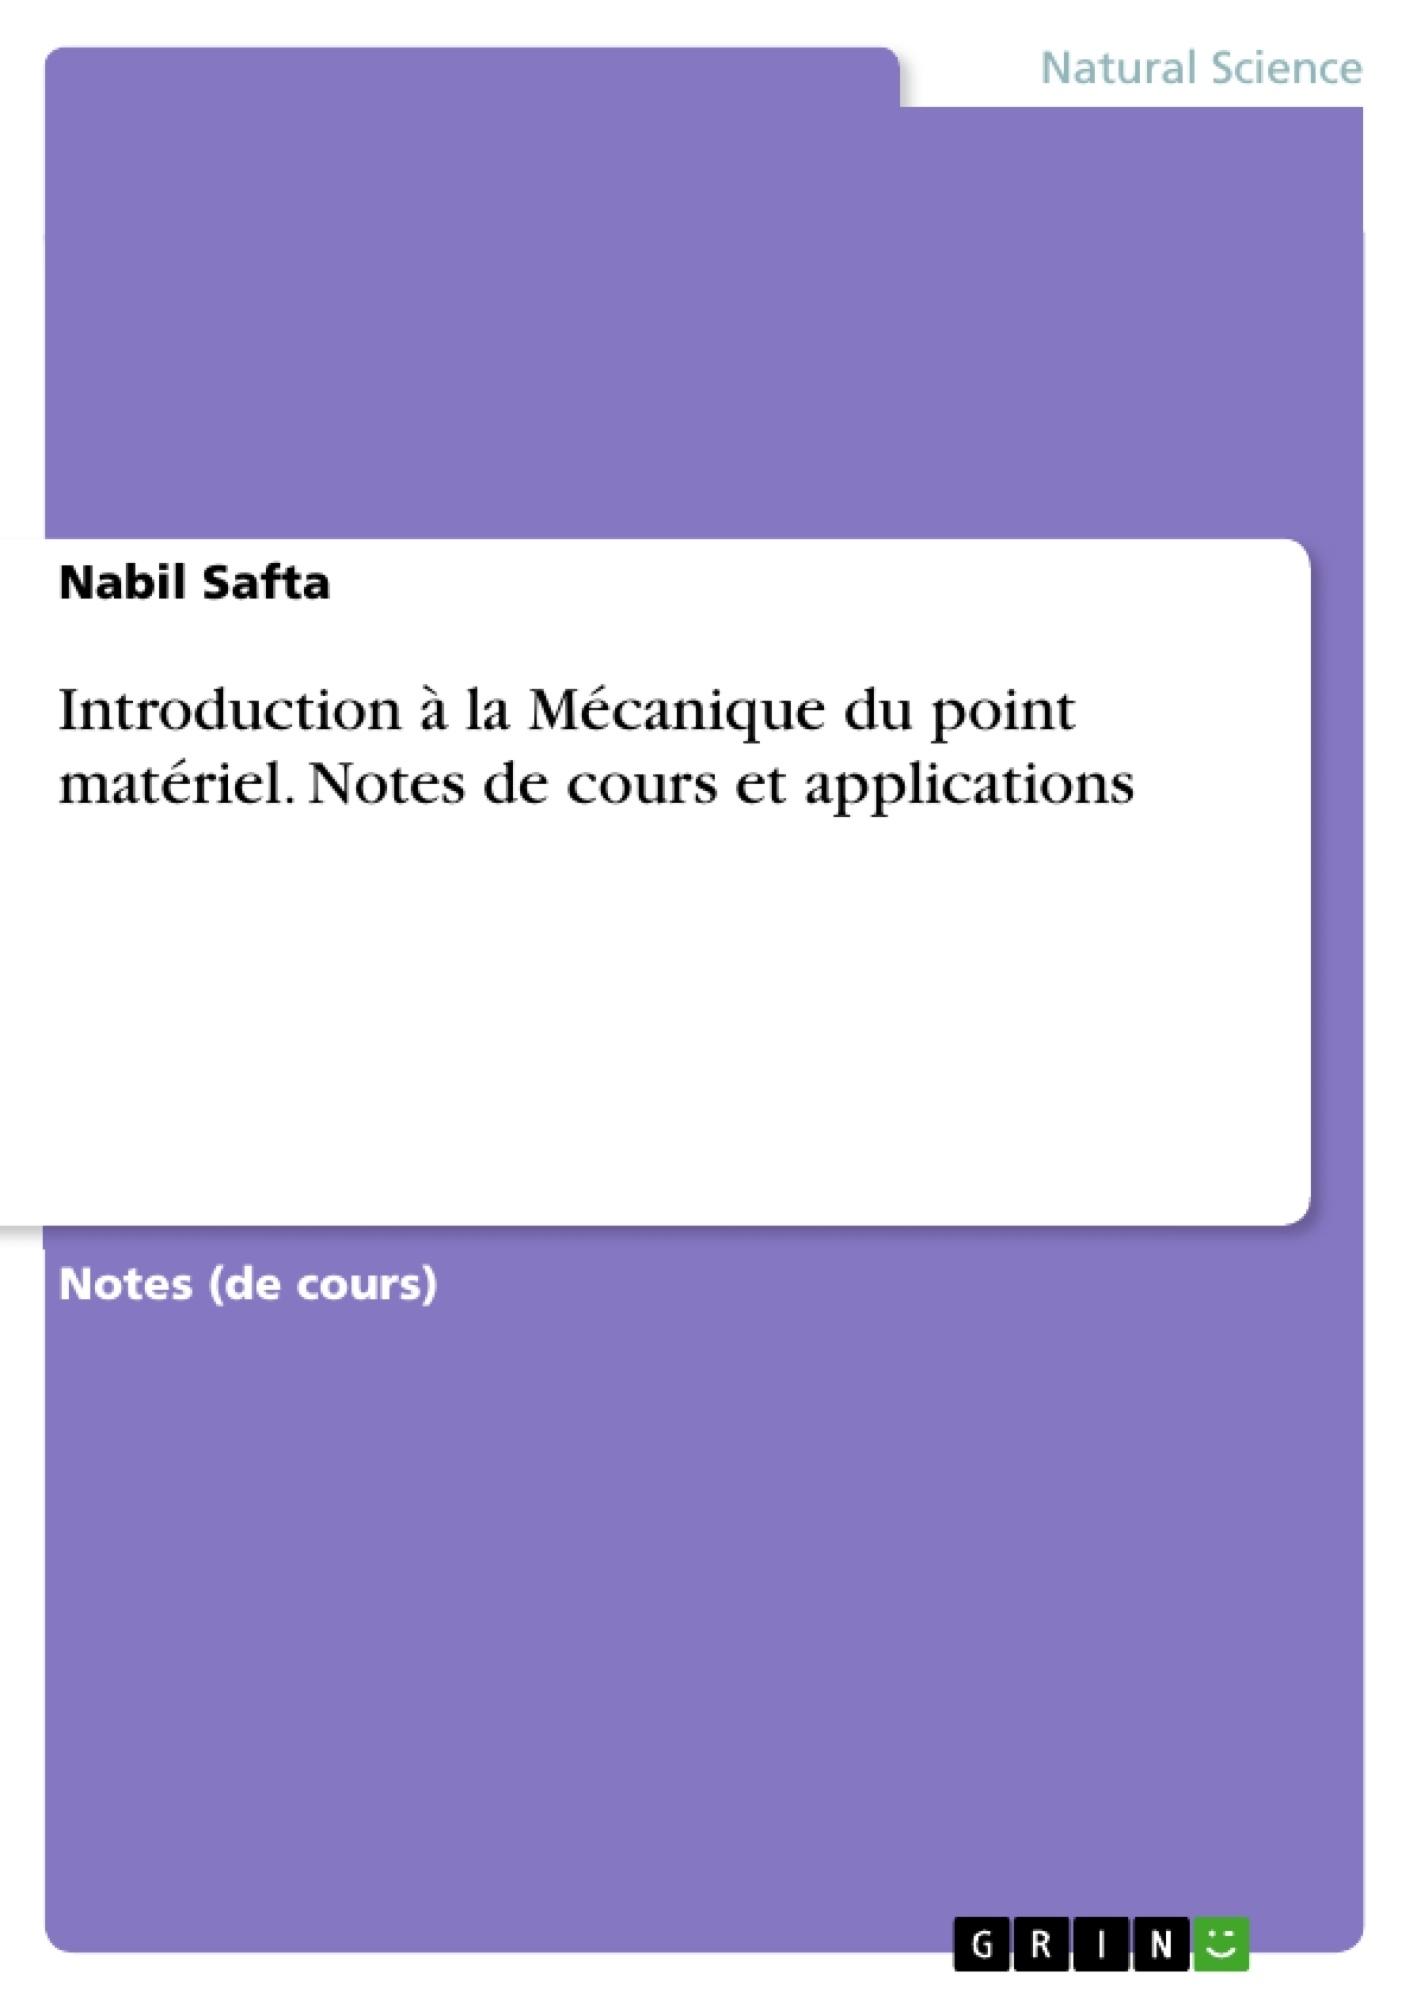 Titre: Introduction à la Mécanique du point matériel. Notes de cours et applications